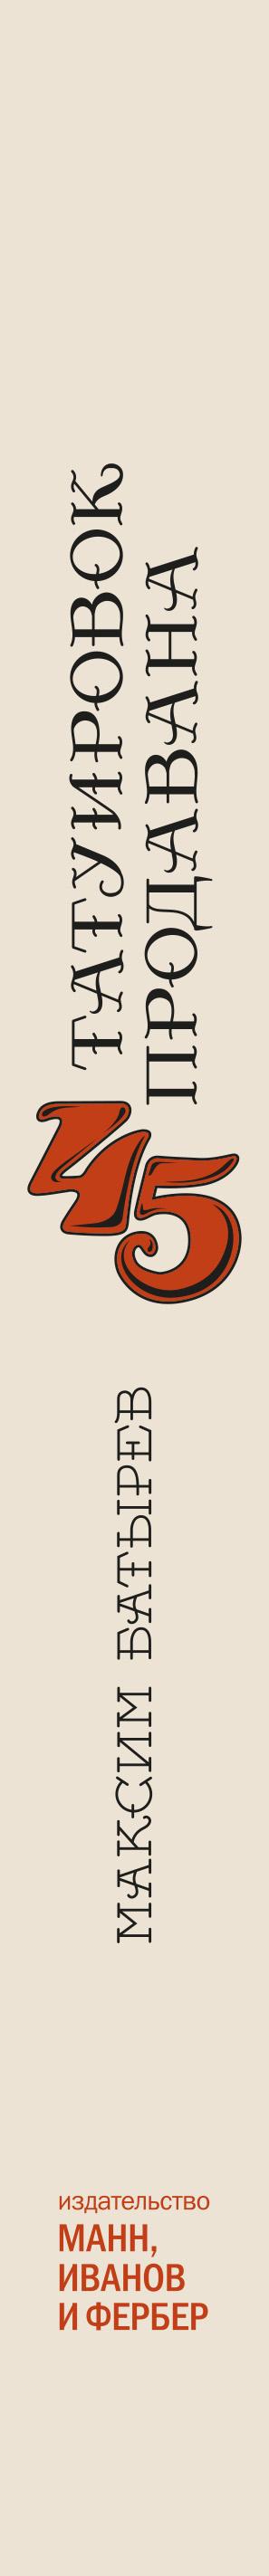 Книга 45 татуировок продавана. Правила для тех кто продаёт и управляет продажами. Максим Батырев